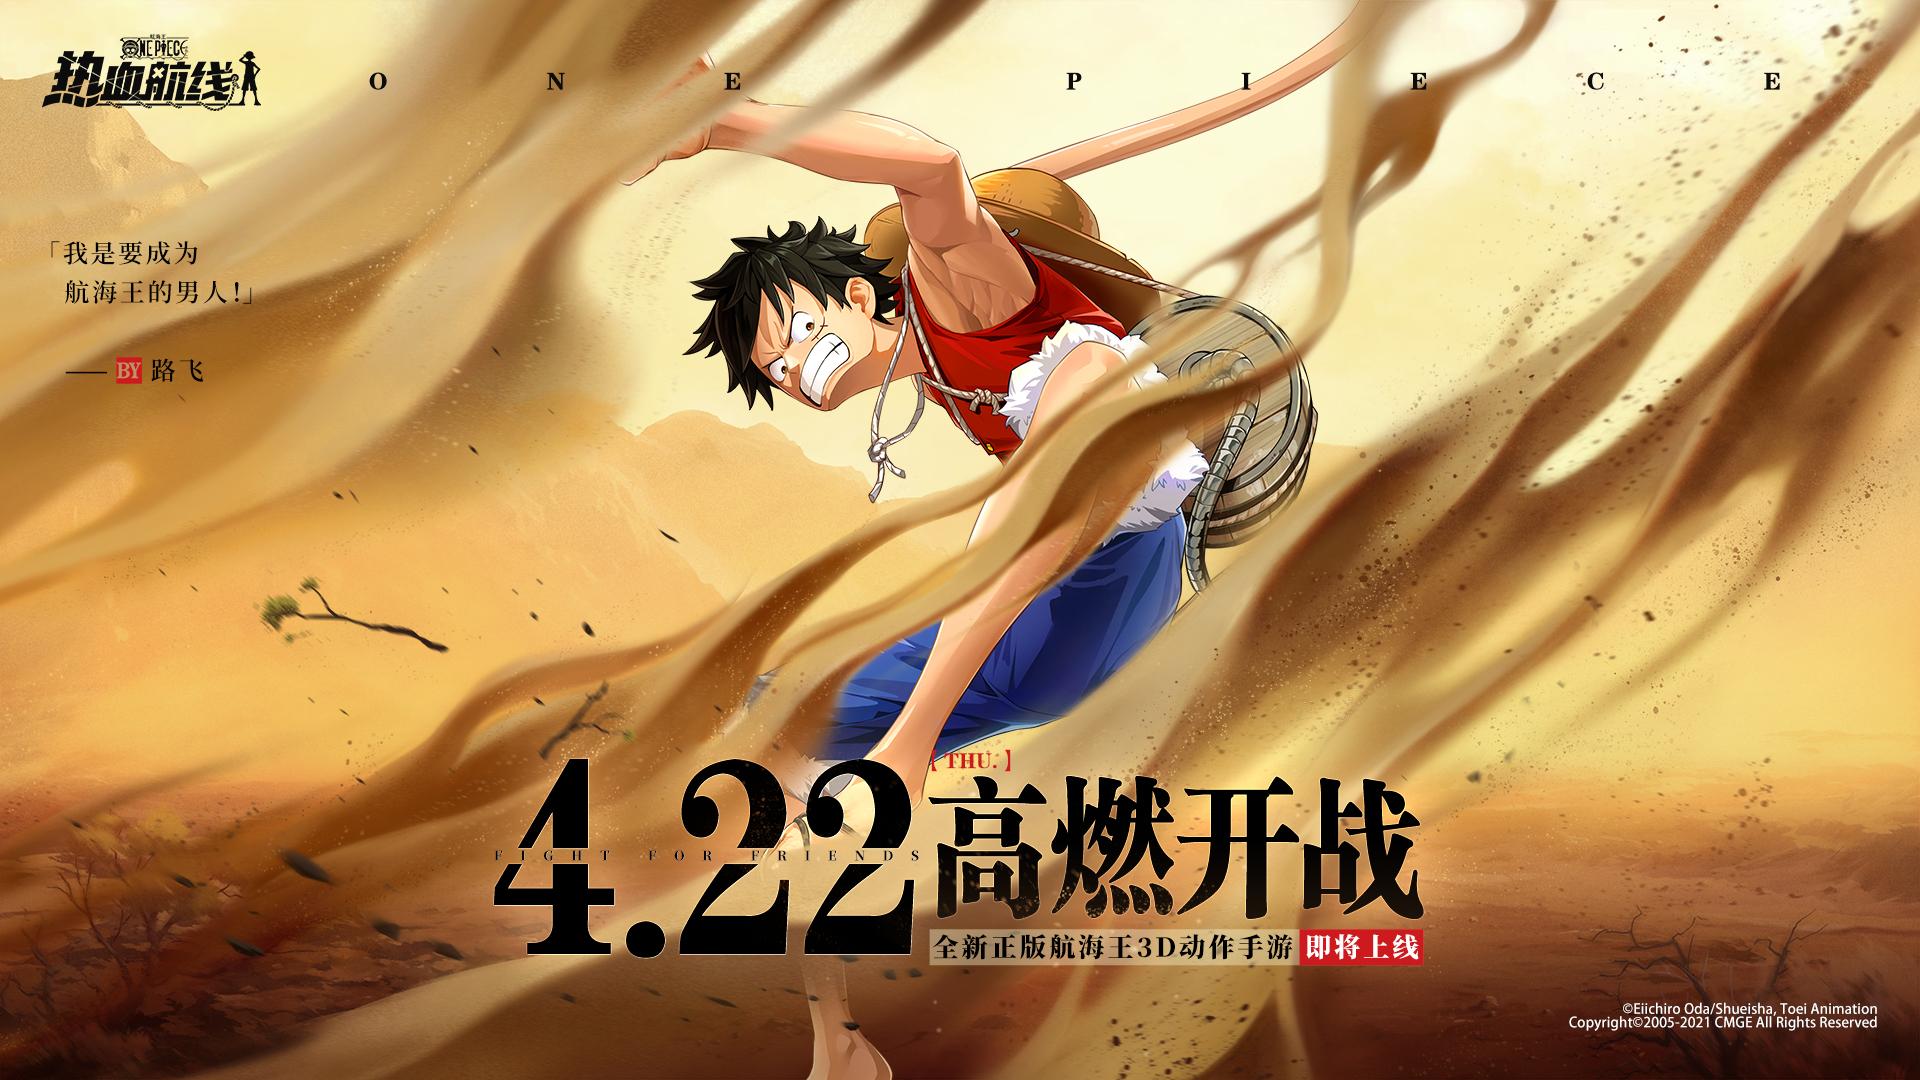 《航海王热血航线》定档4月22日!九大人气角色邀你高燃开战